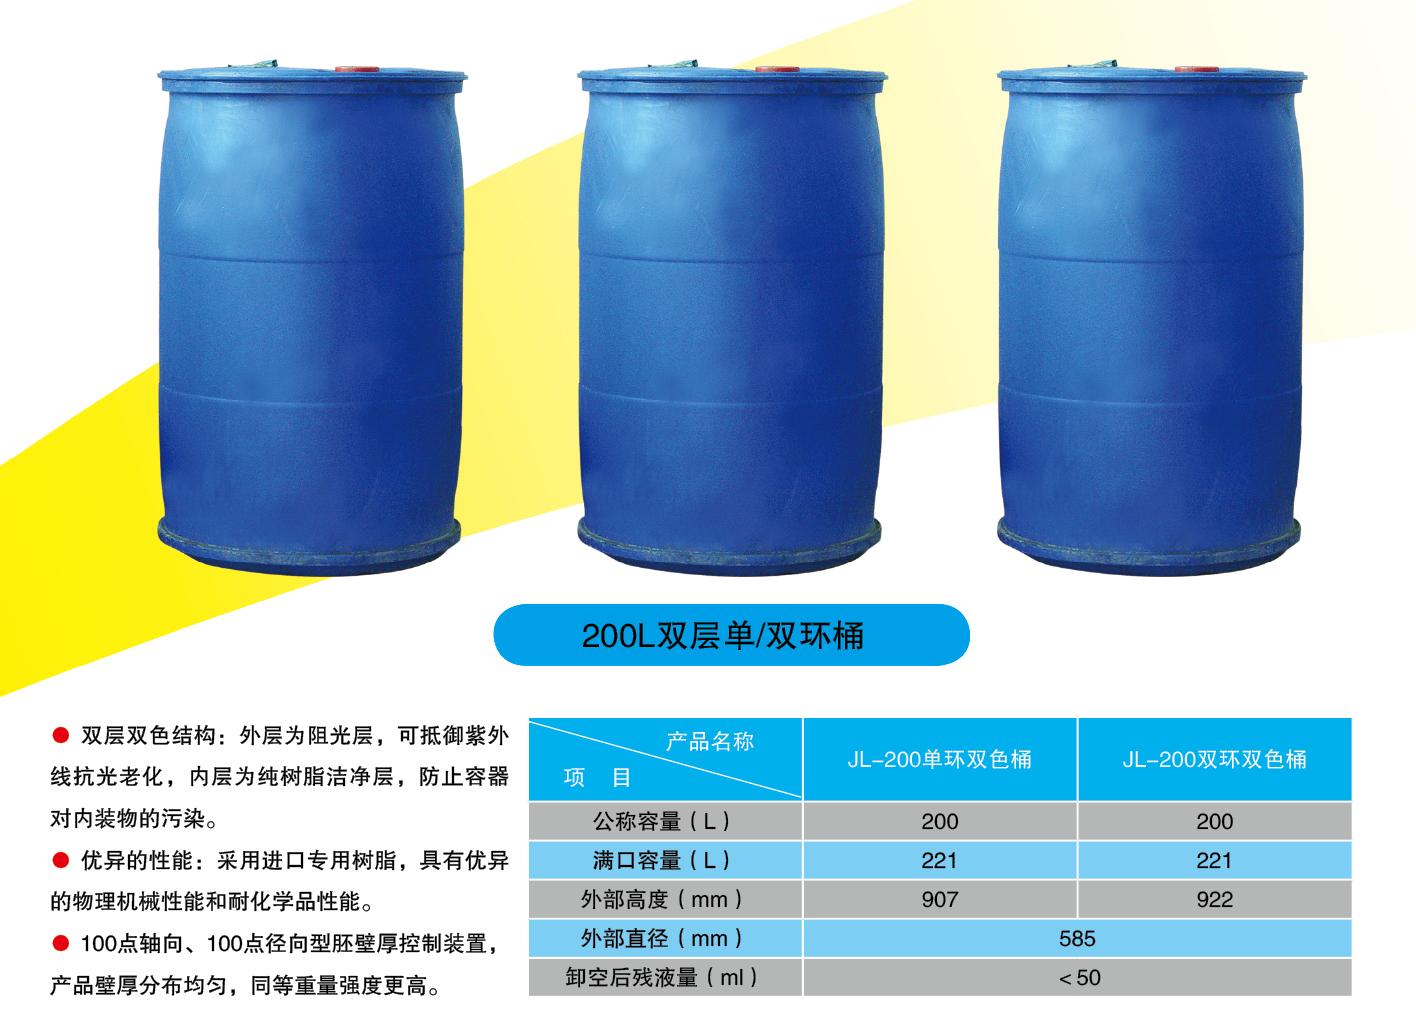 江苏南京200l塑料桶,吹塑托盘1412